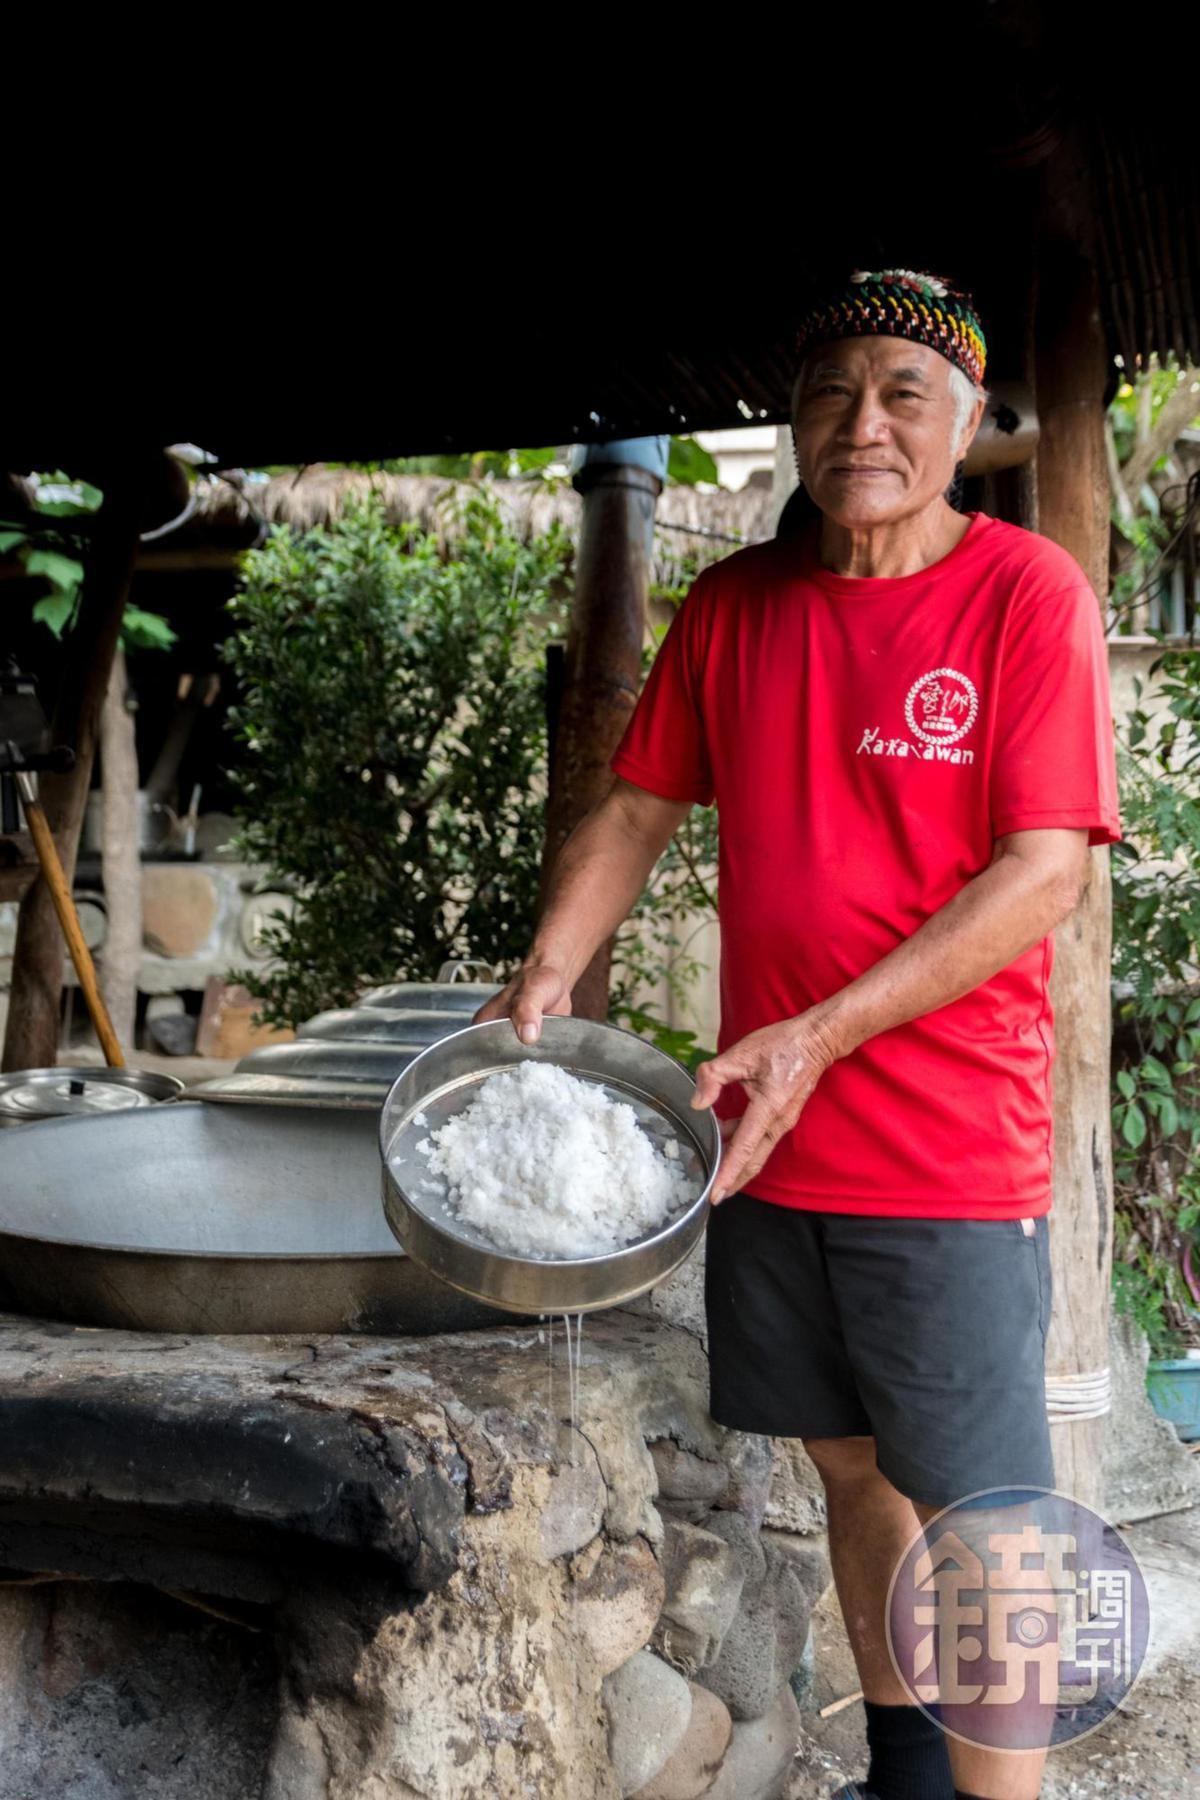 「永福野店」的蔡班長以漂流木煮海鹽。